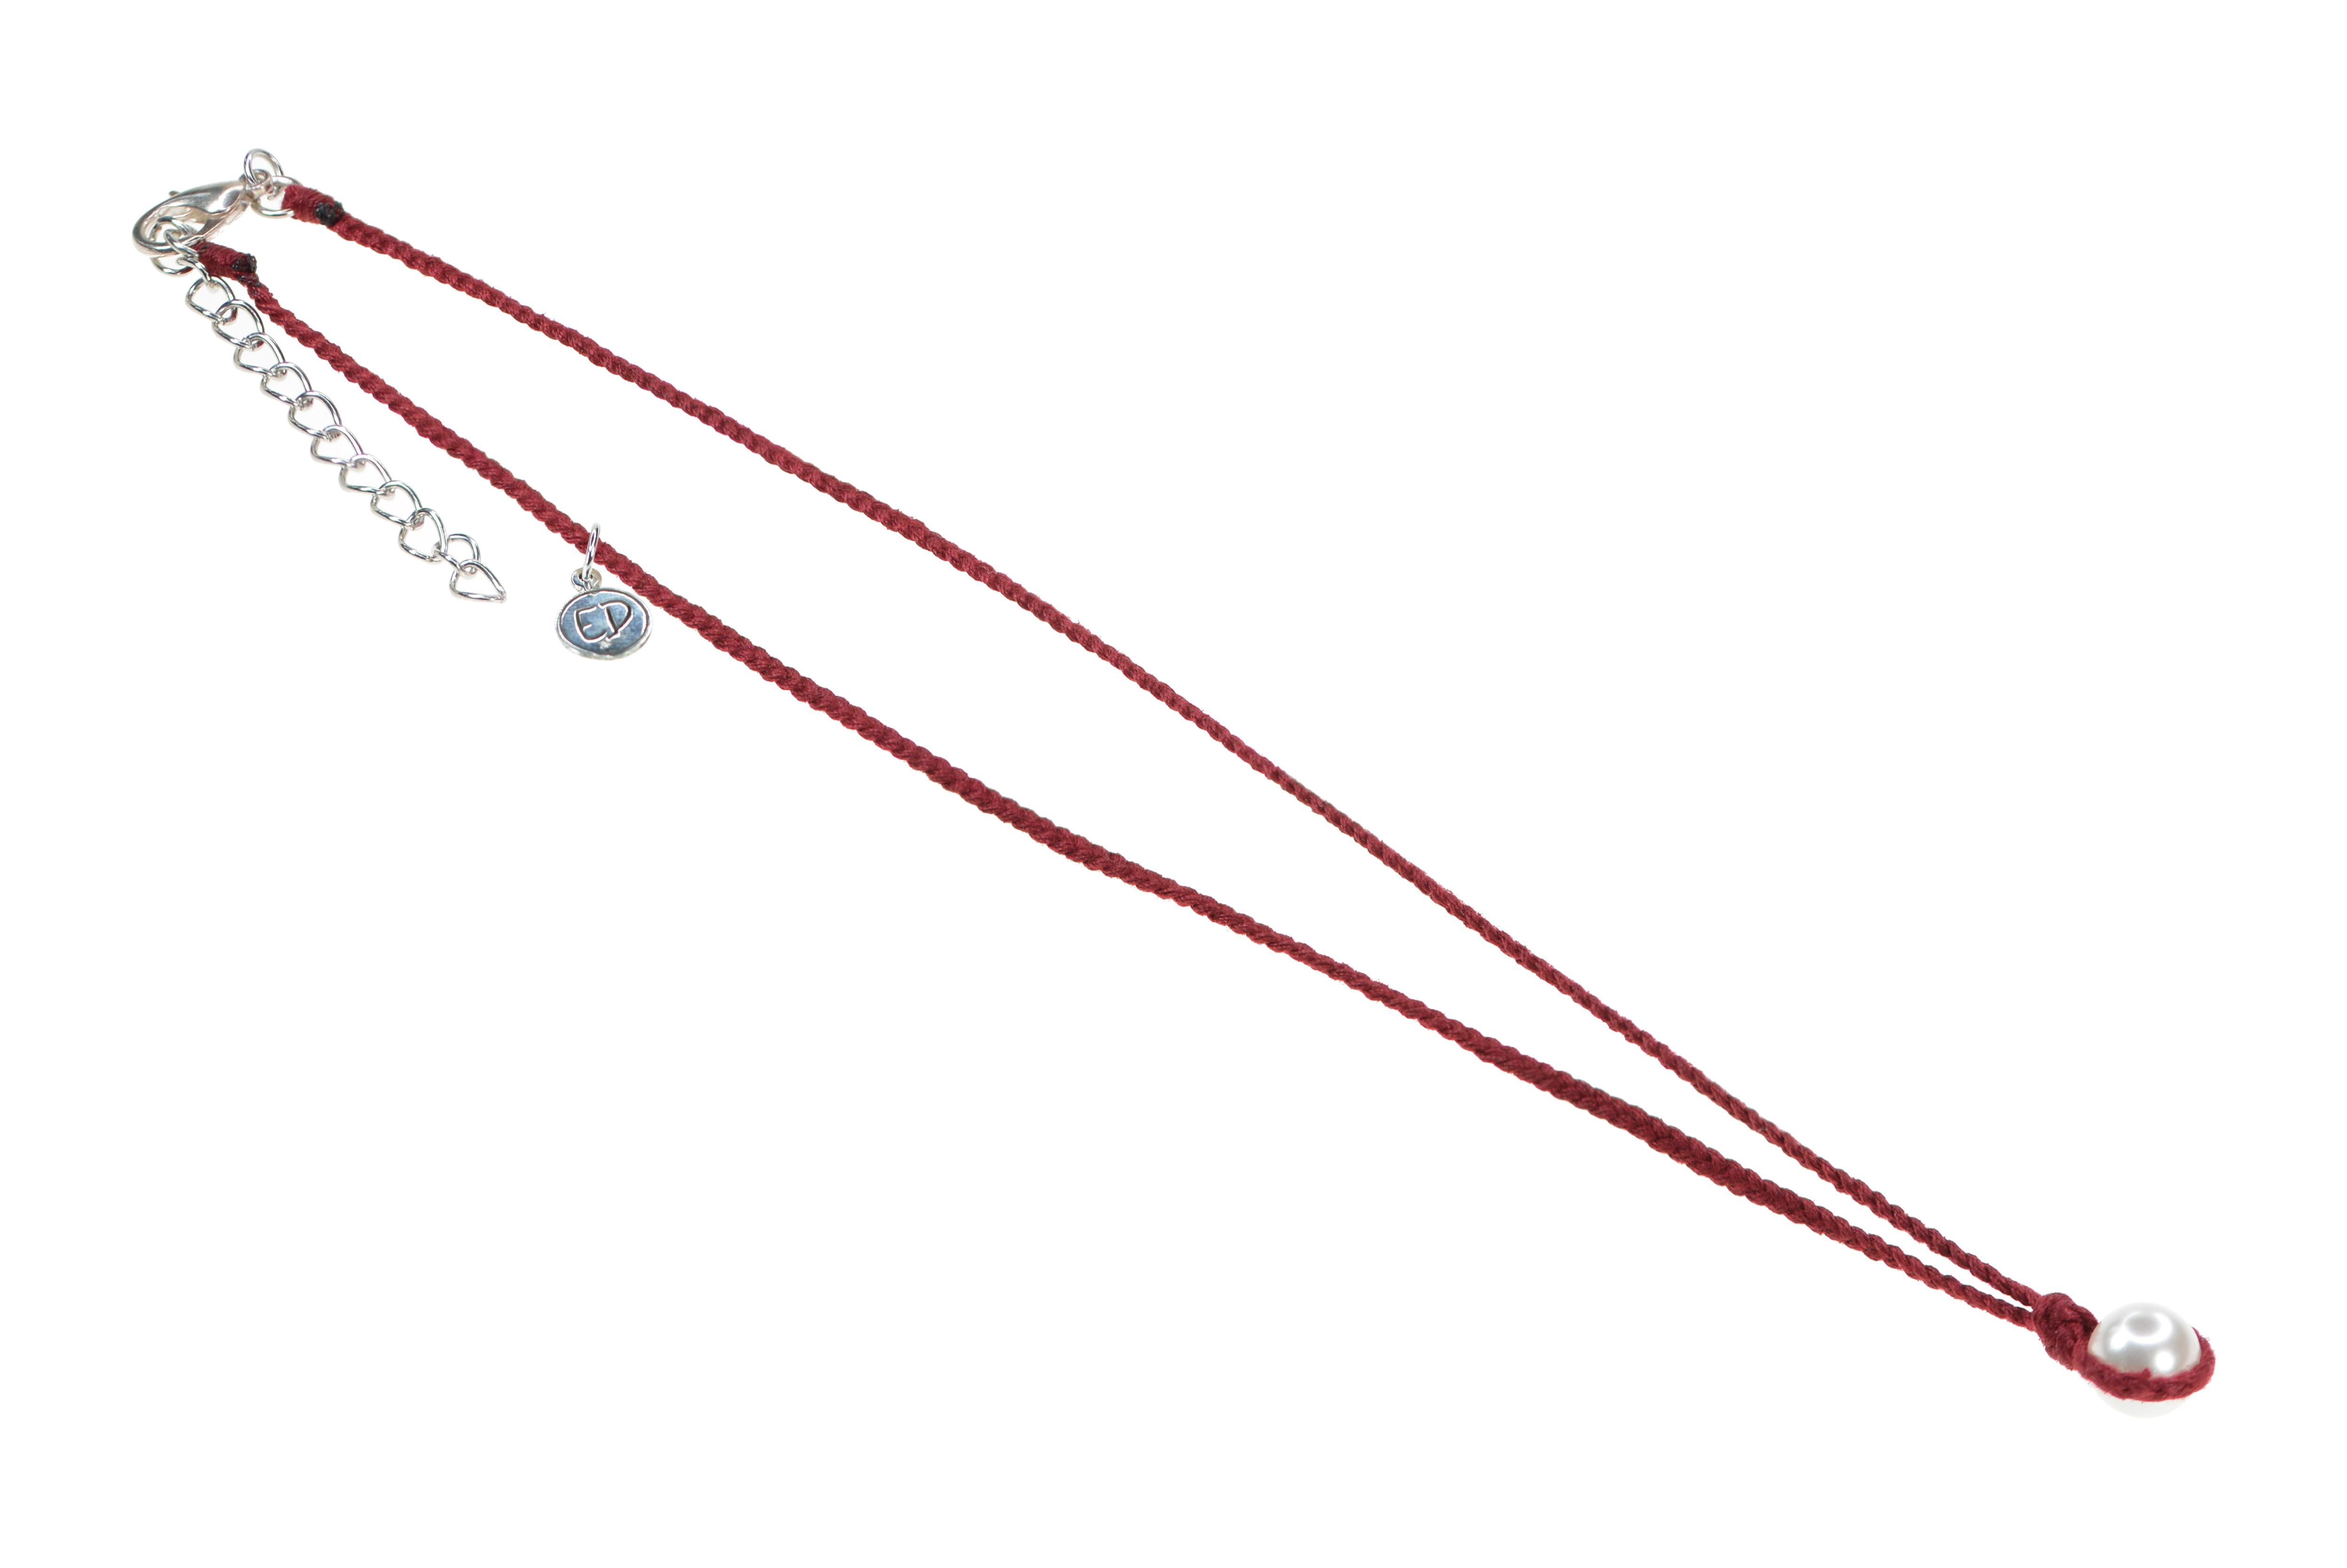 Dámsky ručne pletený náhrdelník s perlou - vínový